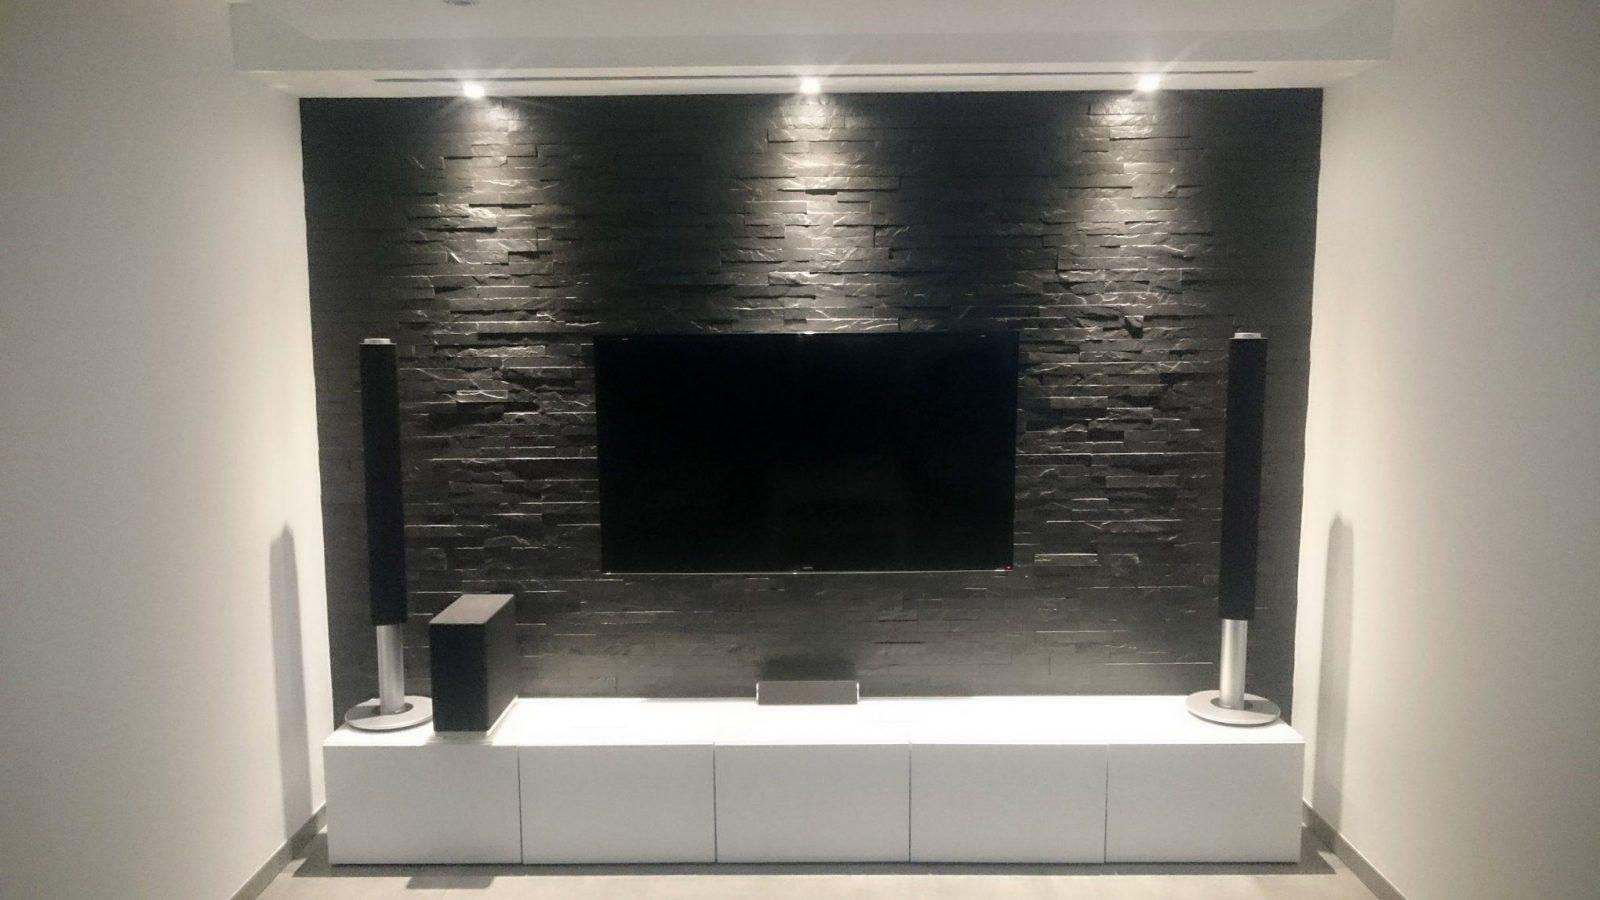 Multimedia Wohnzimmer Mit Naturstein Verblender Selber Bauen von Led Leinwand Selber Bauen Bild